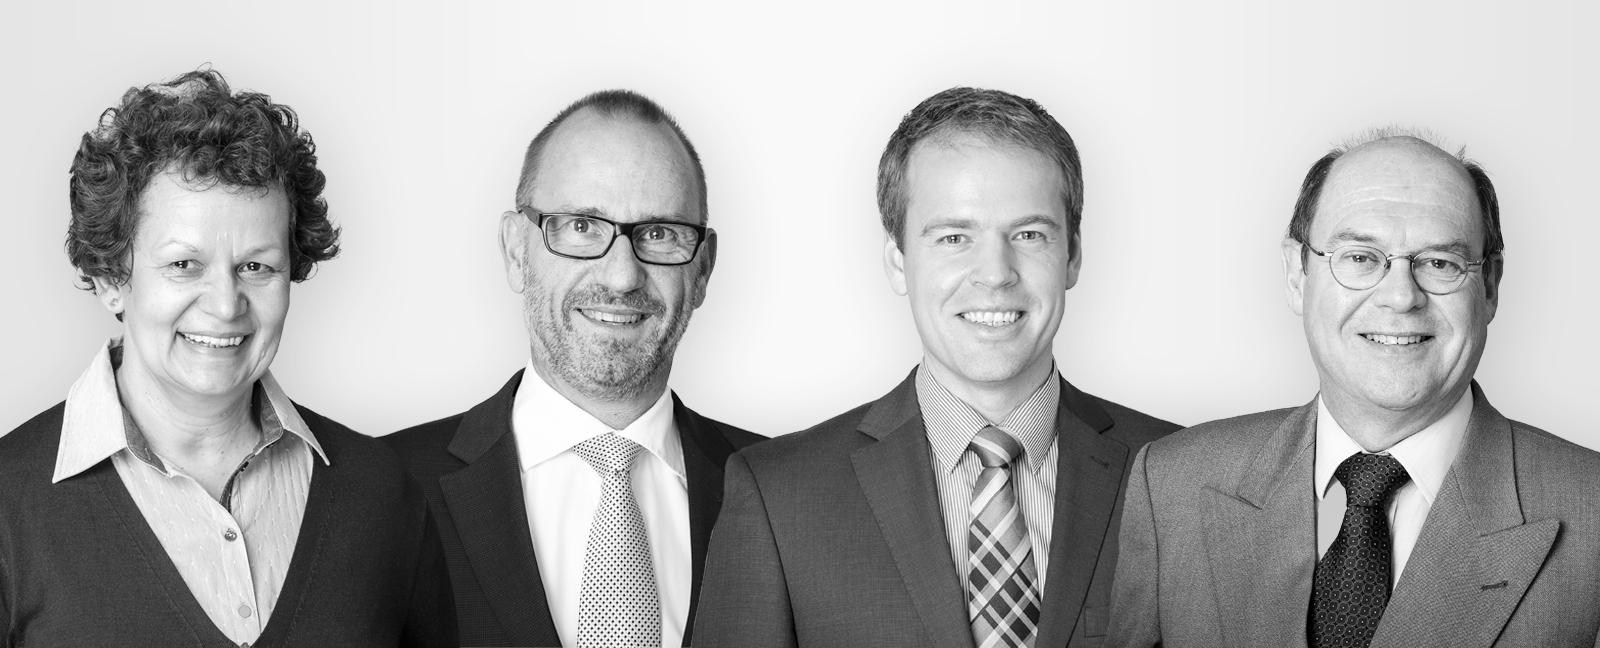 Steuerberater & Wirtschaftsprüfer Hildesheim KRAUSE & Kollegen